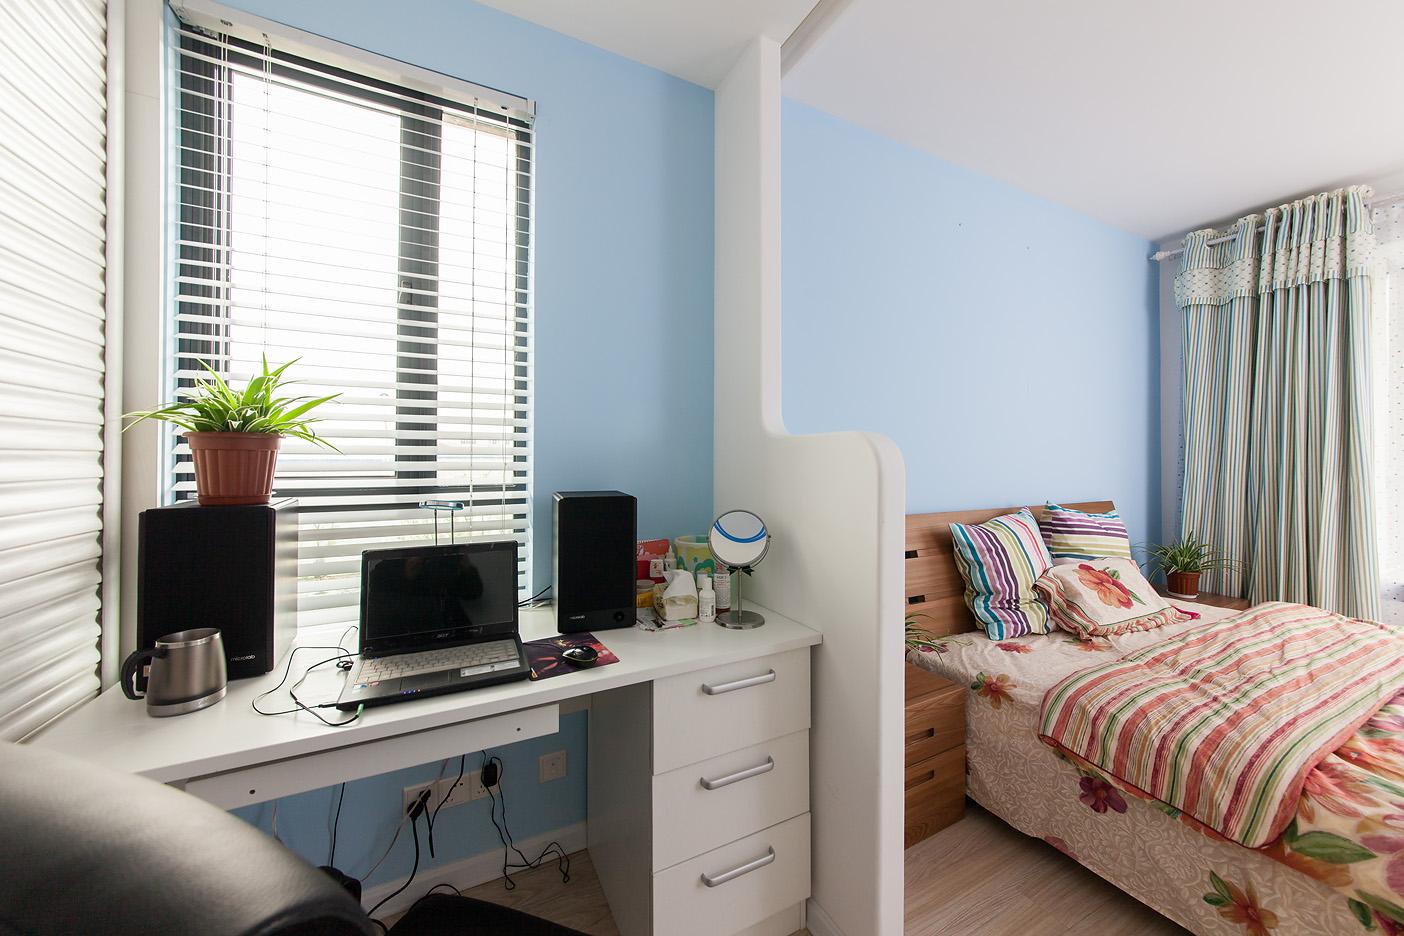 很好的利用空间在卧室装置了办公桌。